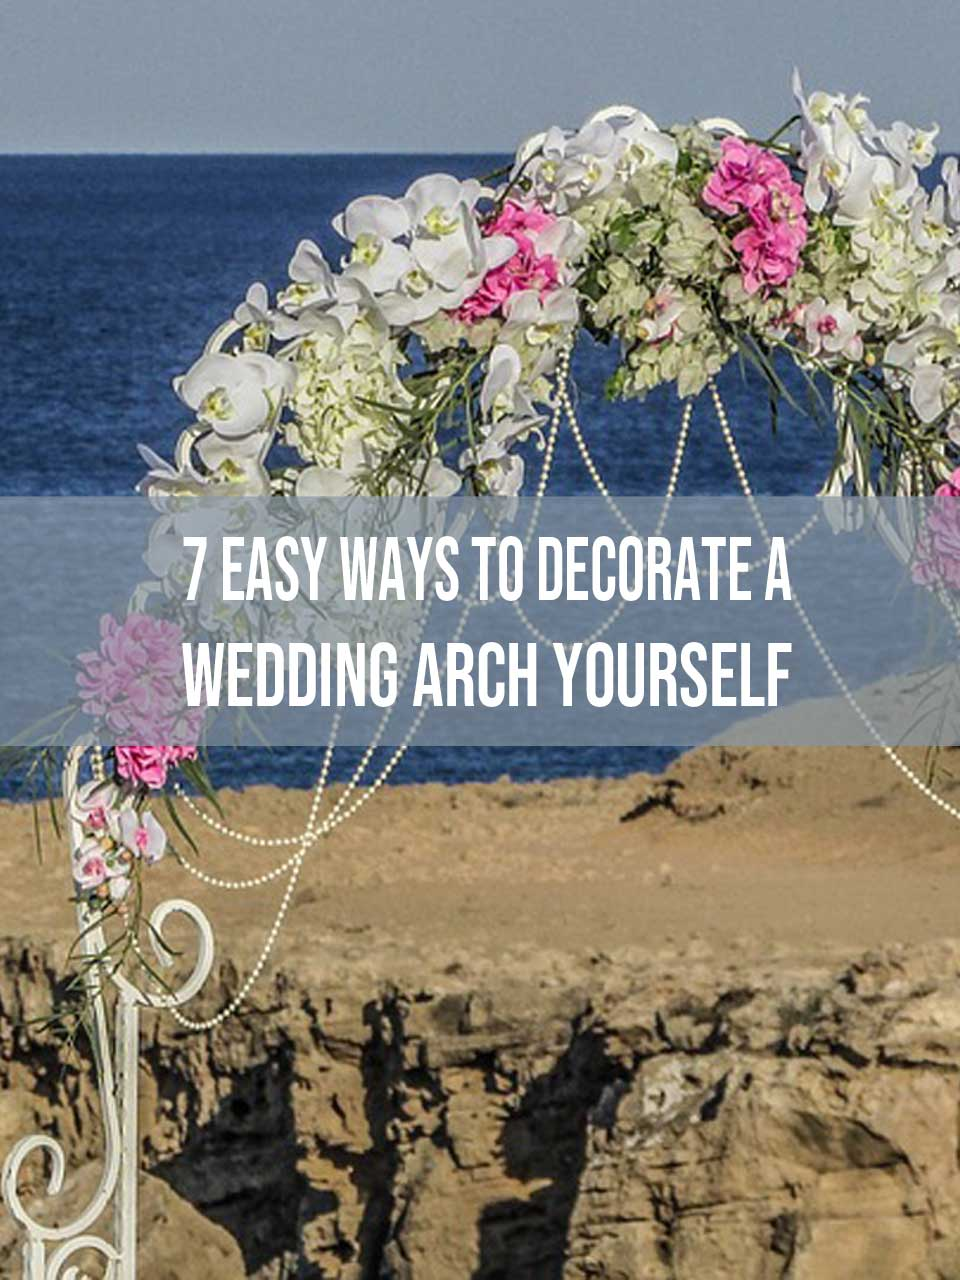 decorate a wedding arch